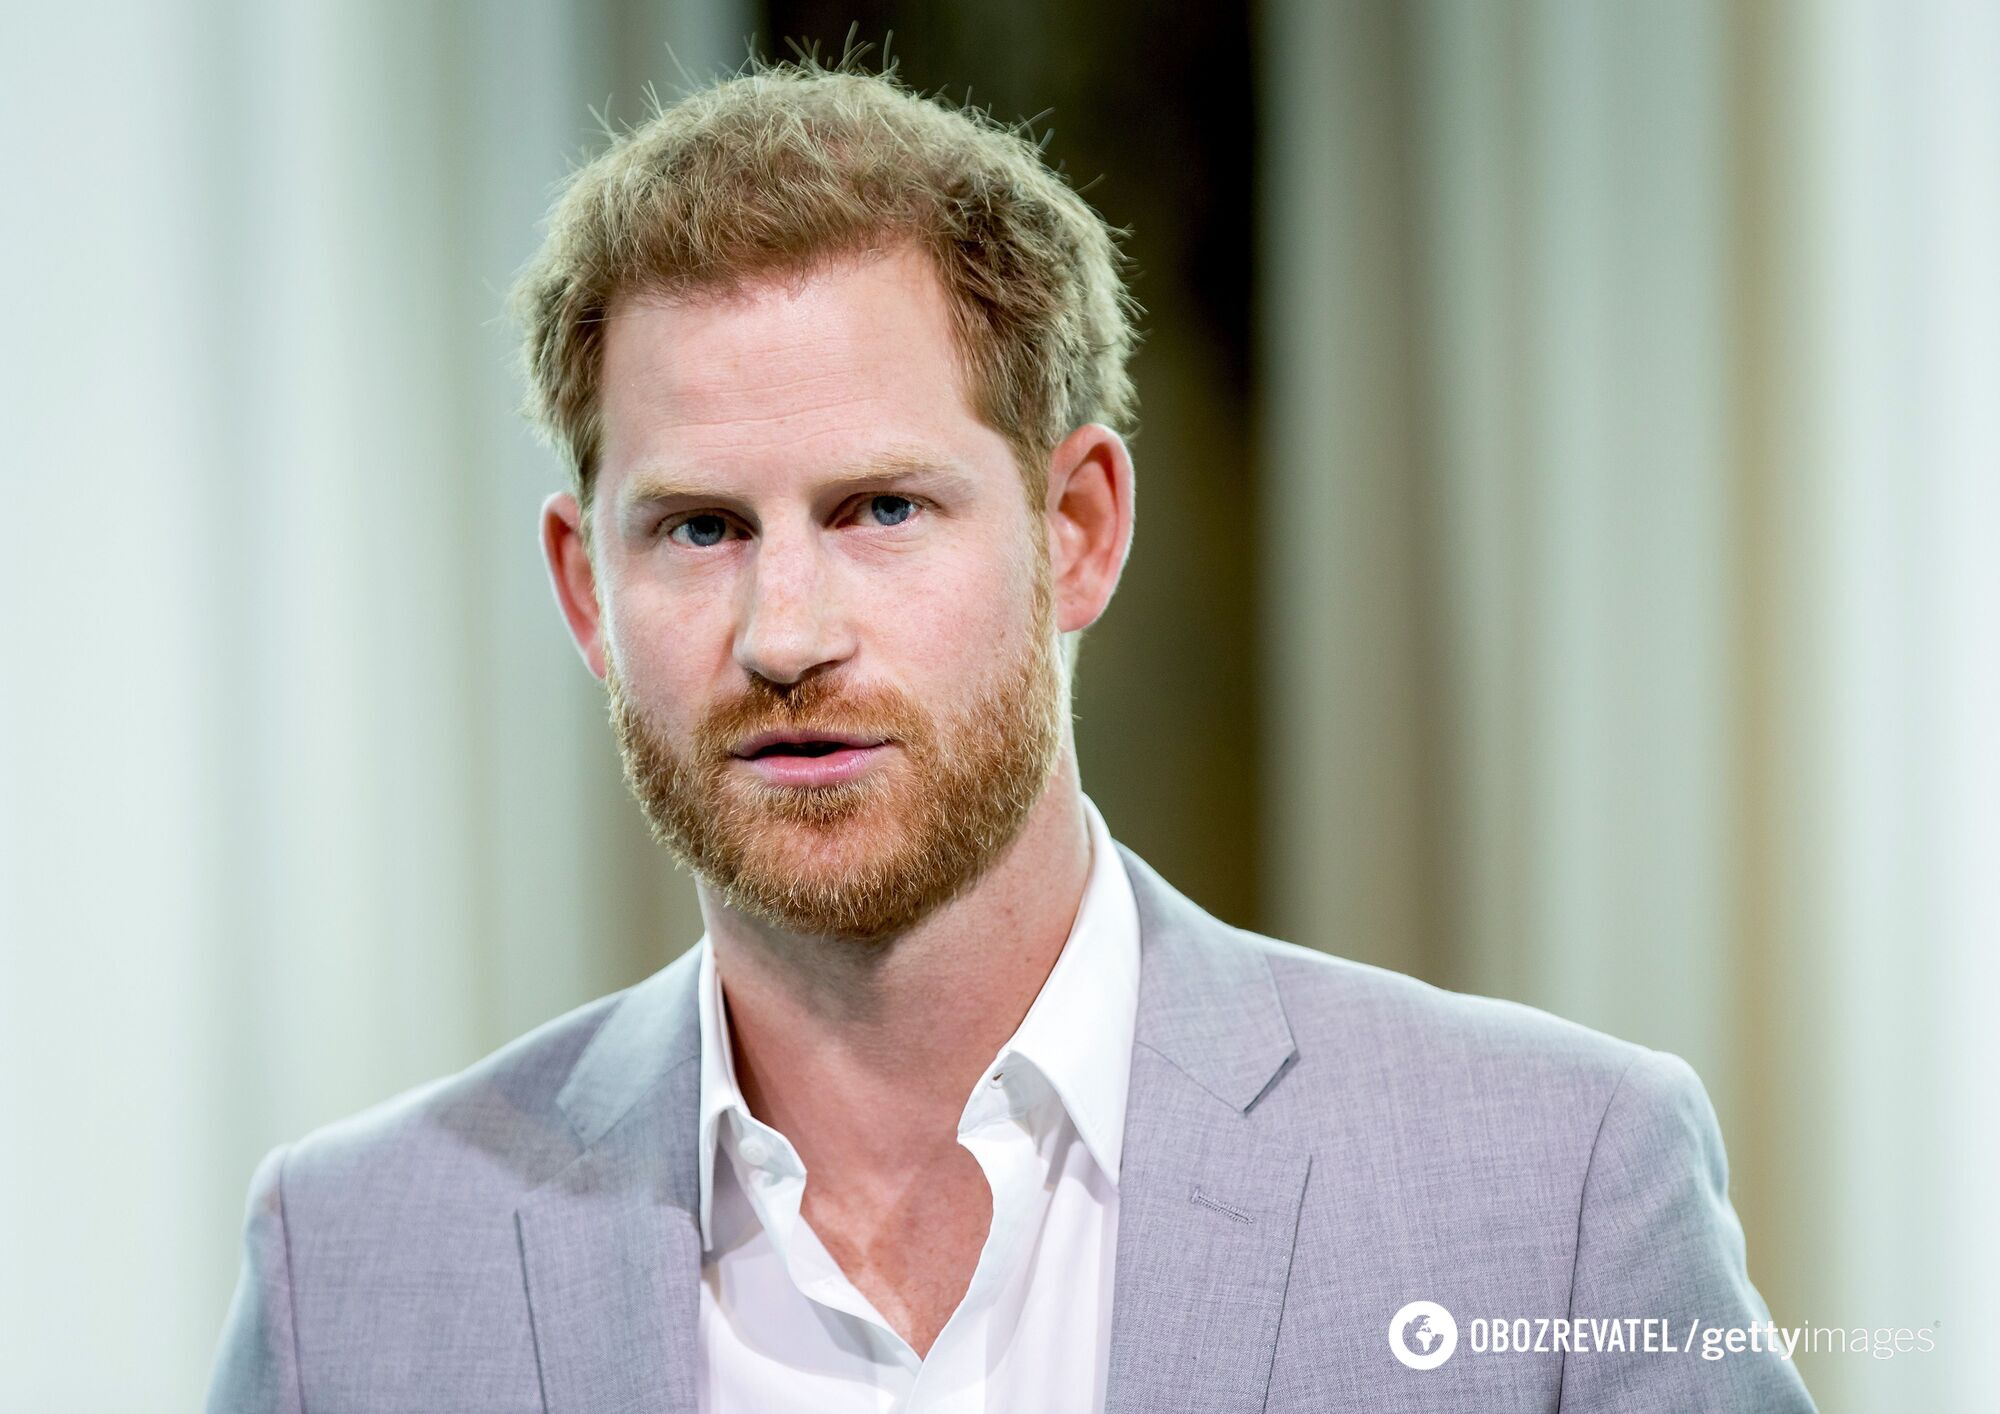 Принц Гарри хотел уйти из королевской семьи в 20 лет